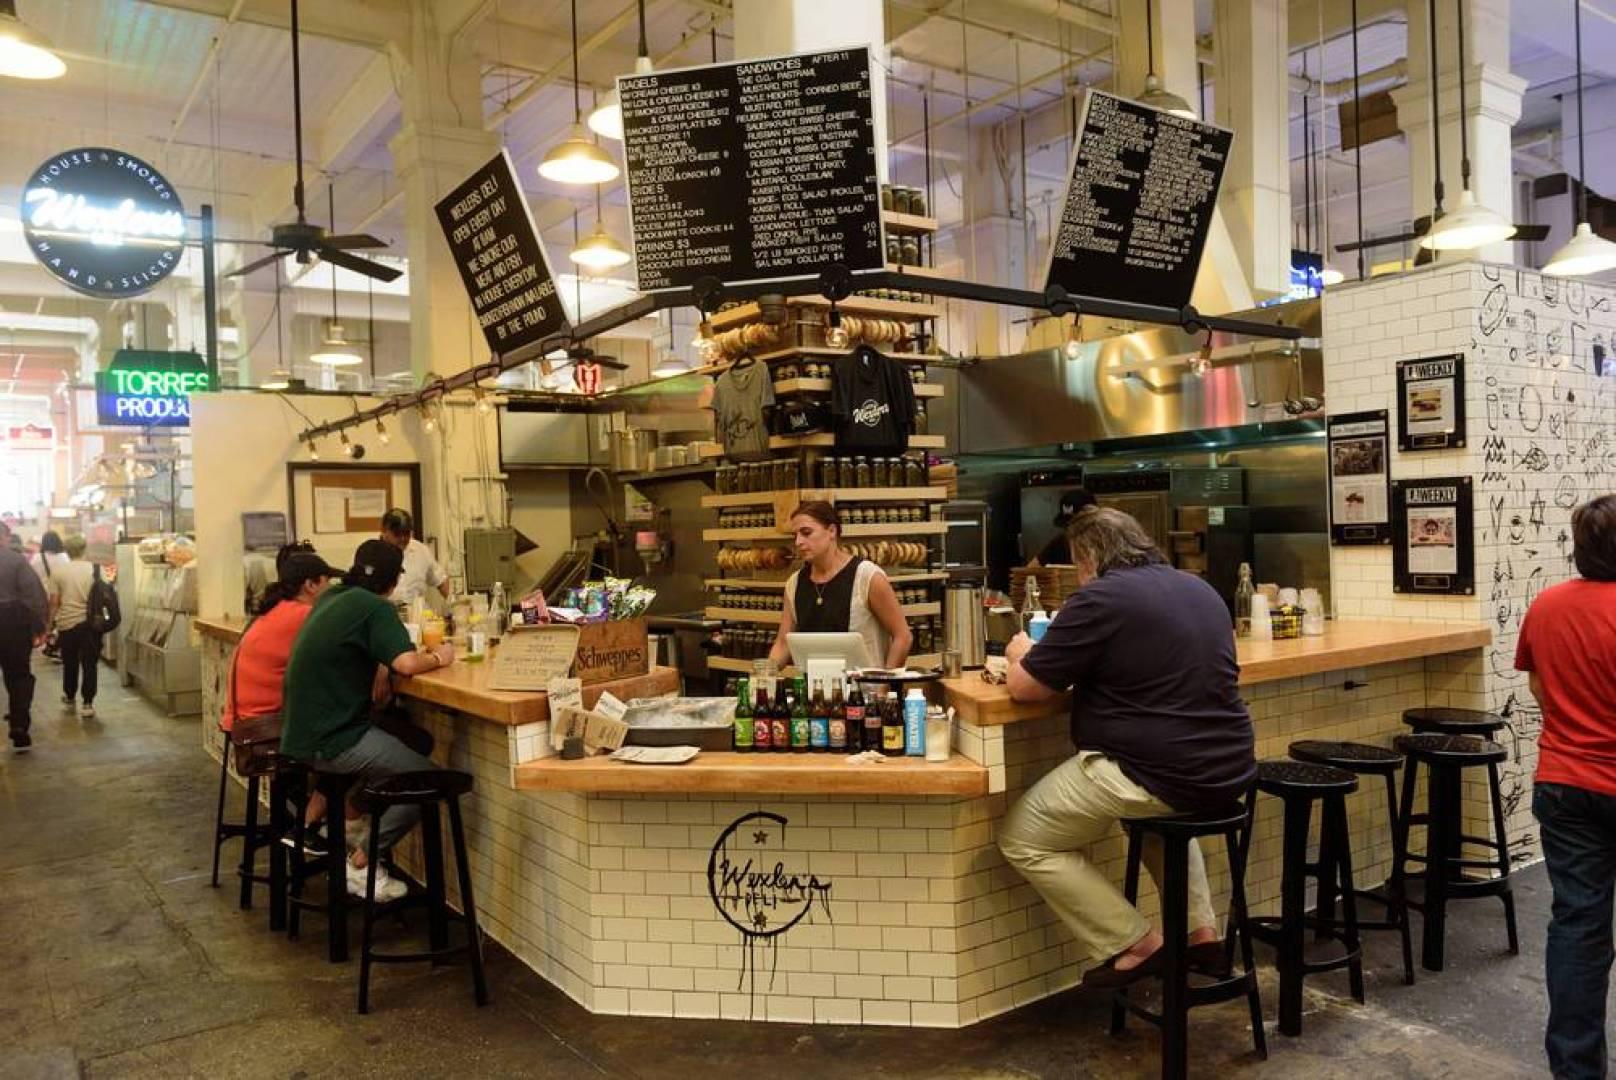 لوس أنجلوس تسمح للمطاعم وصالون تصفيف الشعر بإعادة فتح أبوابها